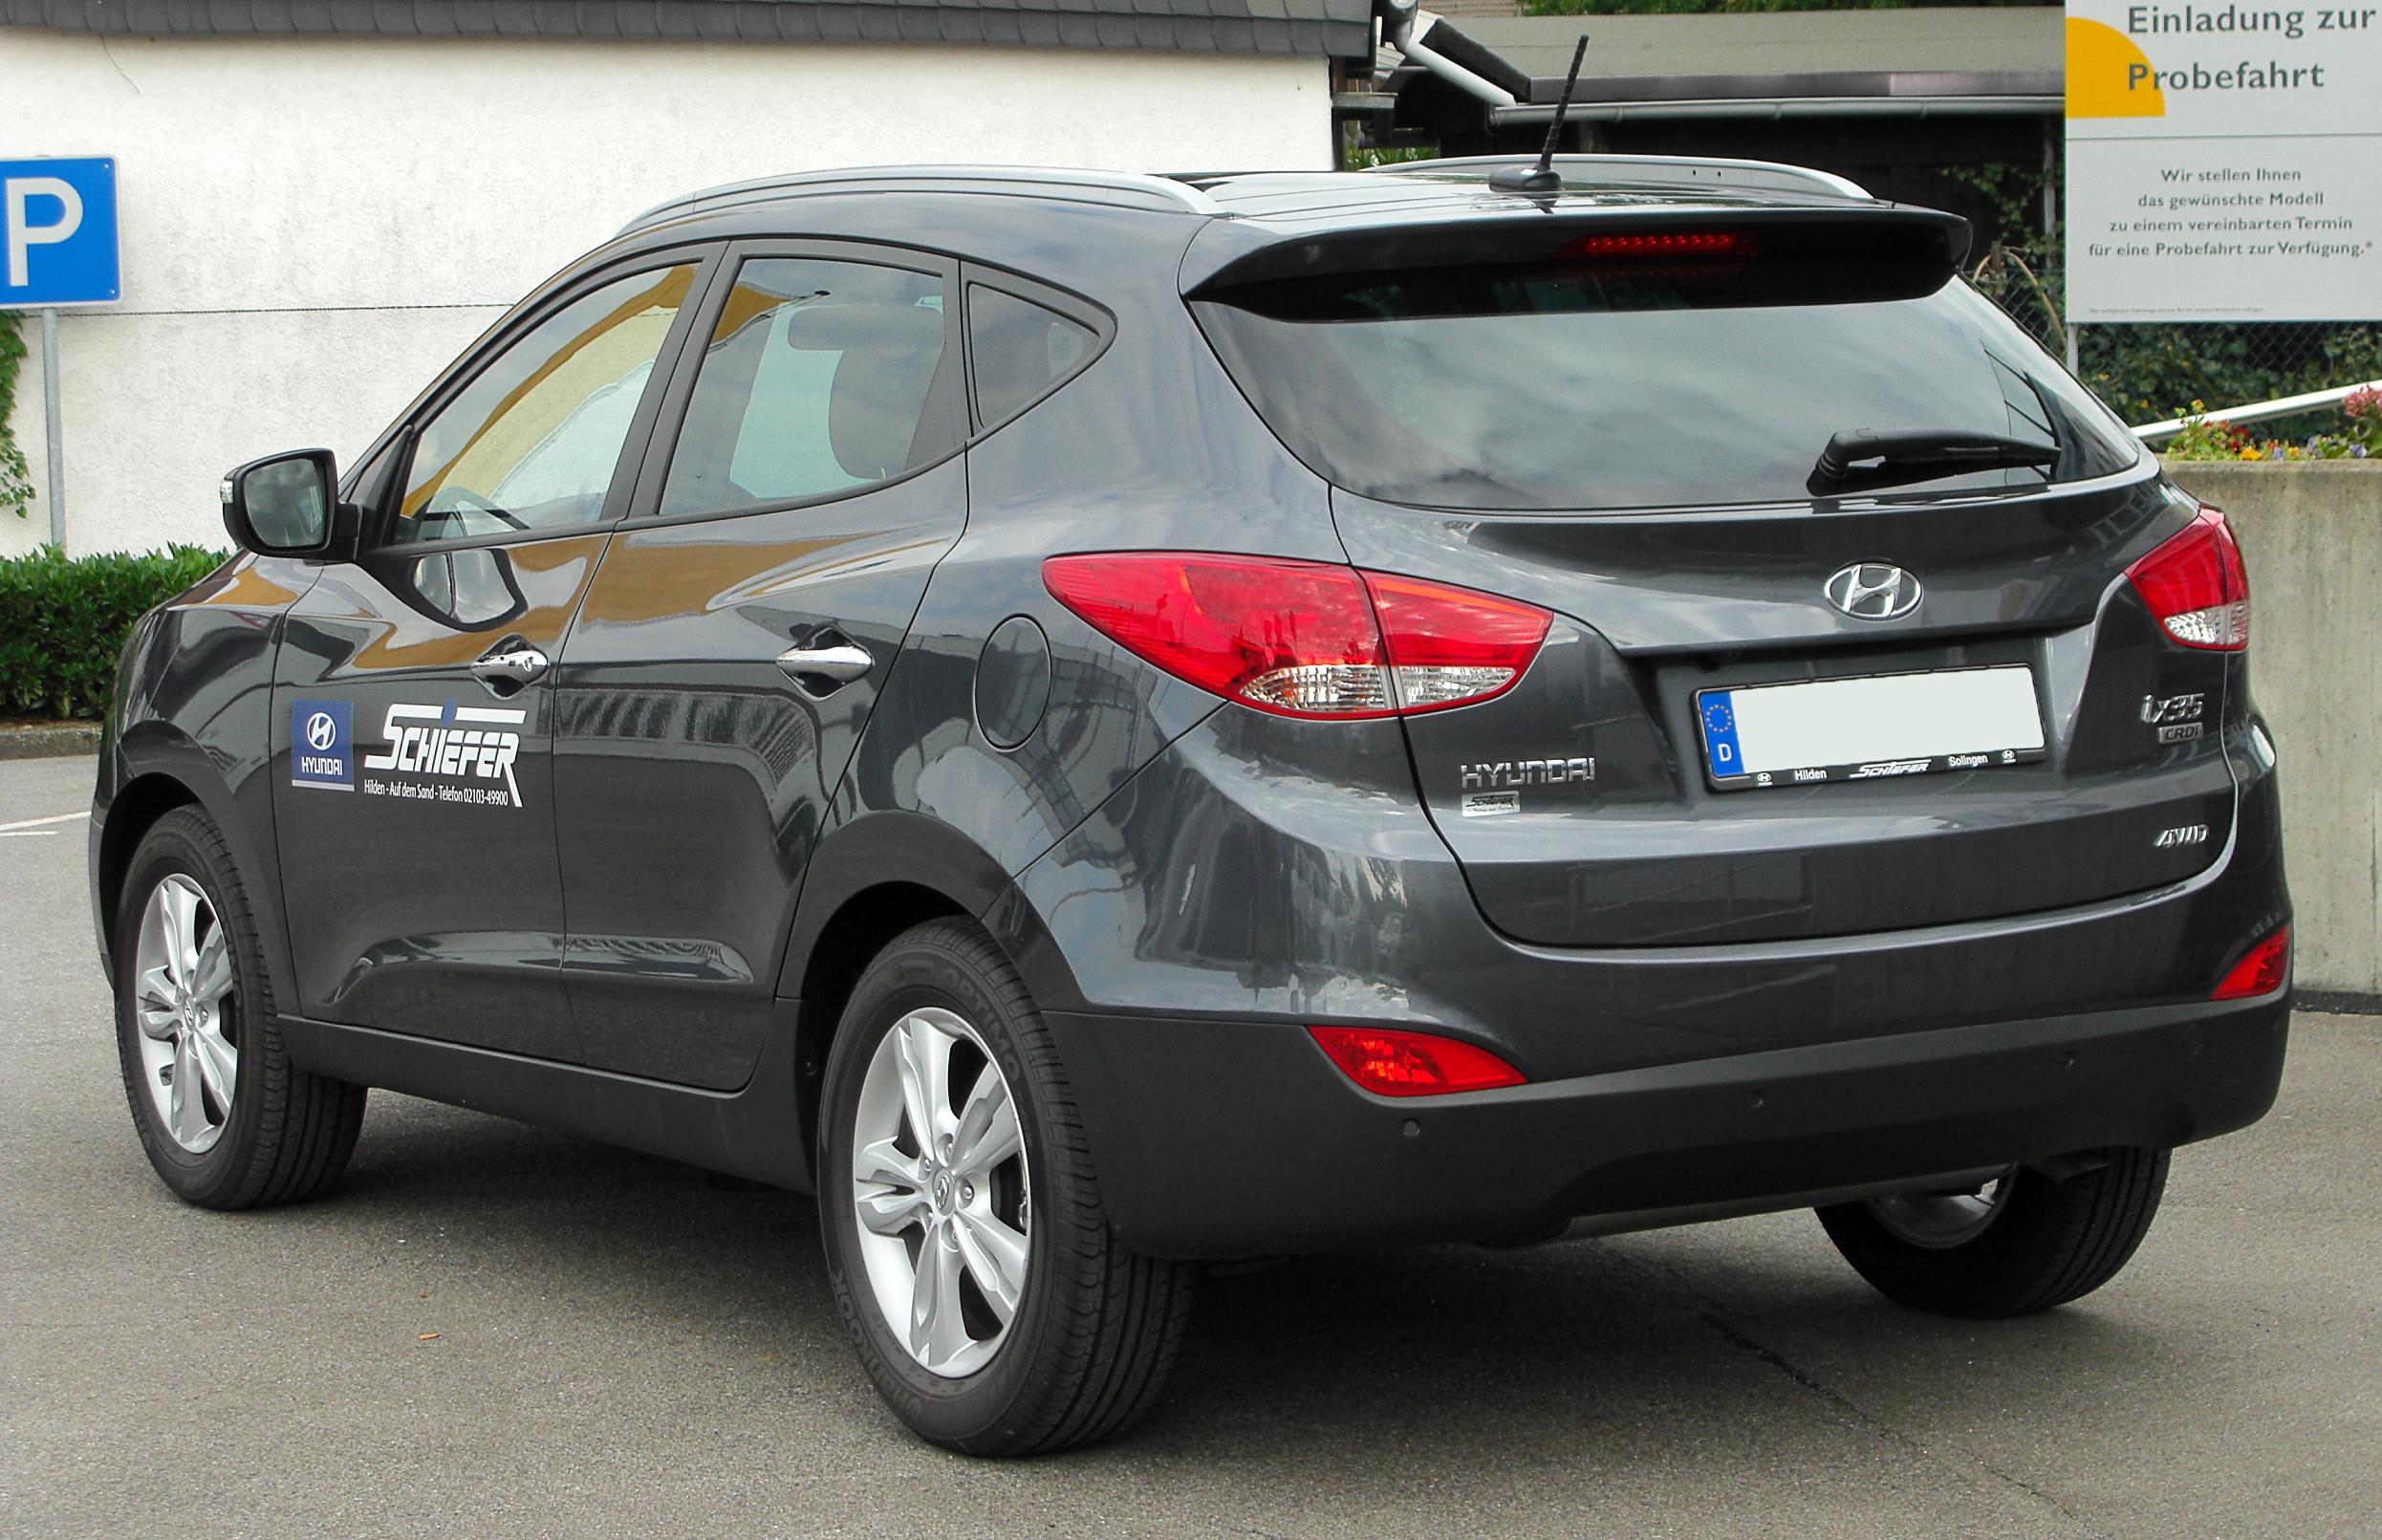 Hyundai Ix >> Hyundai ix35 #5 - high quality Hyundai ix35 pictures on MotorInfo.org